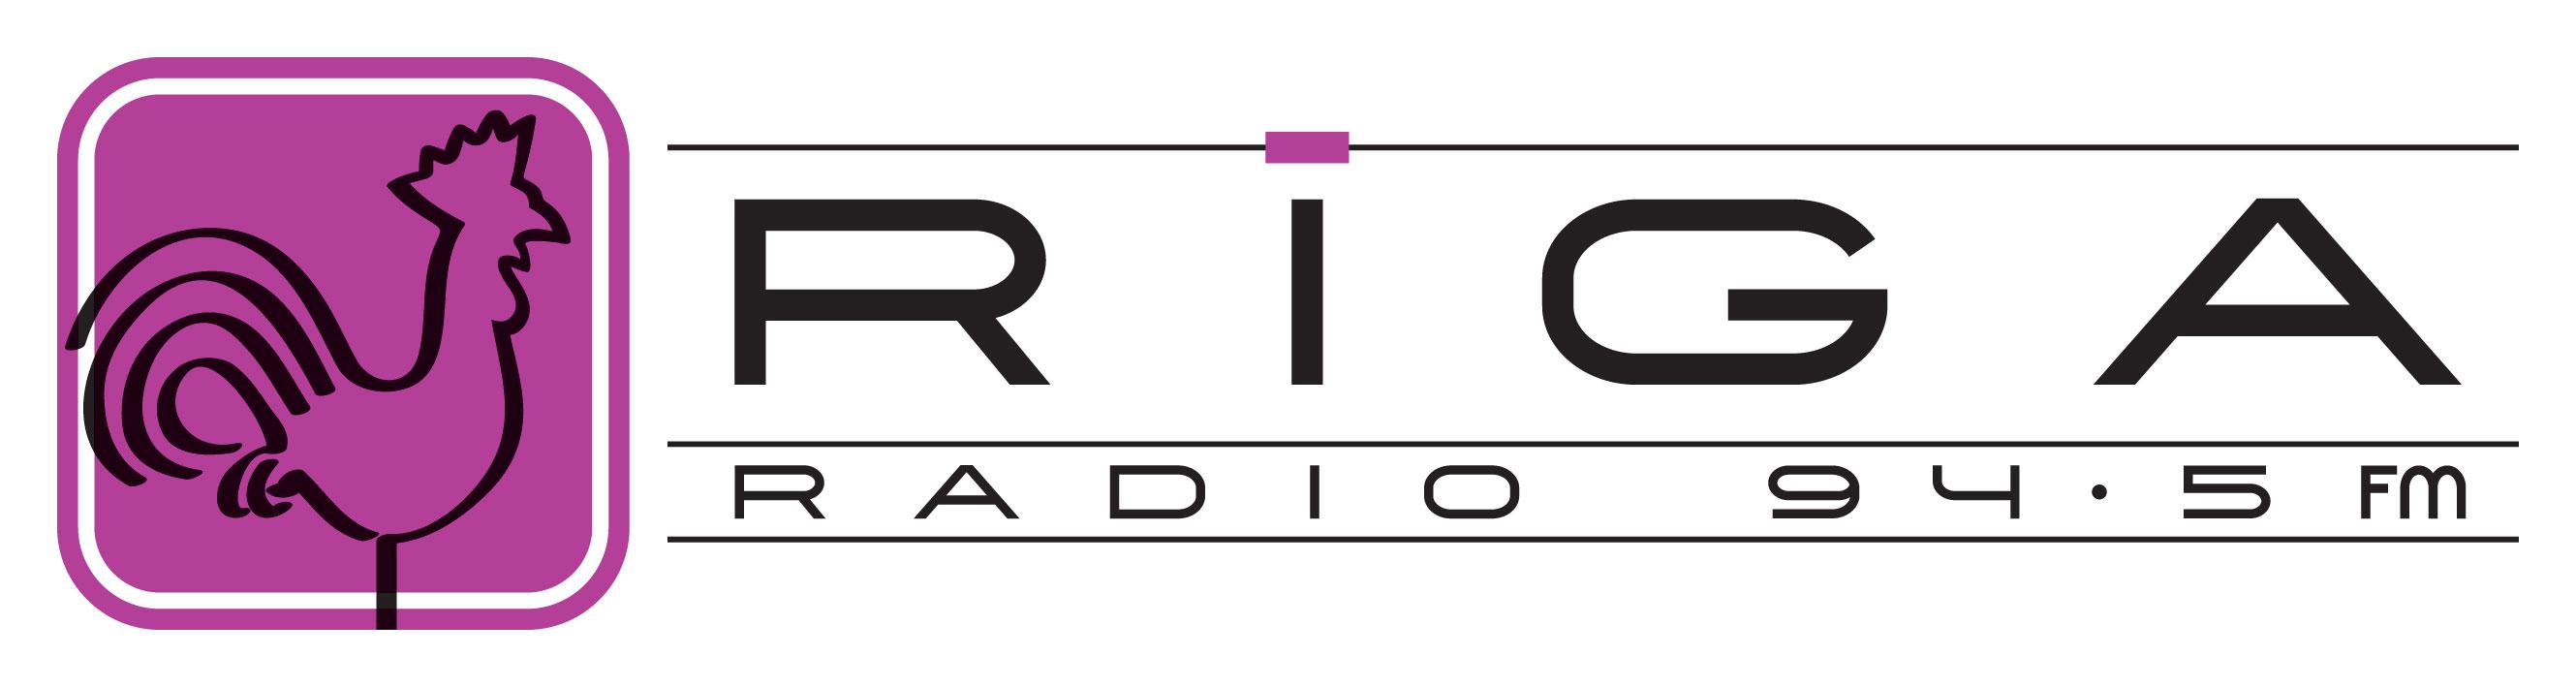 RR_94.5FM_Lilla